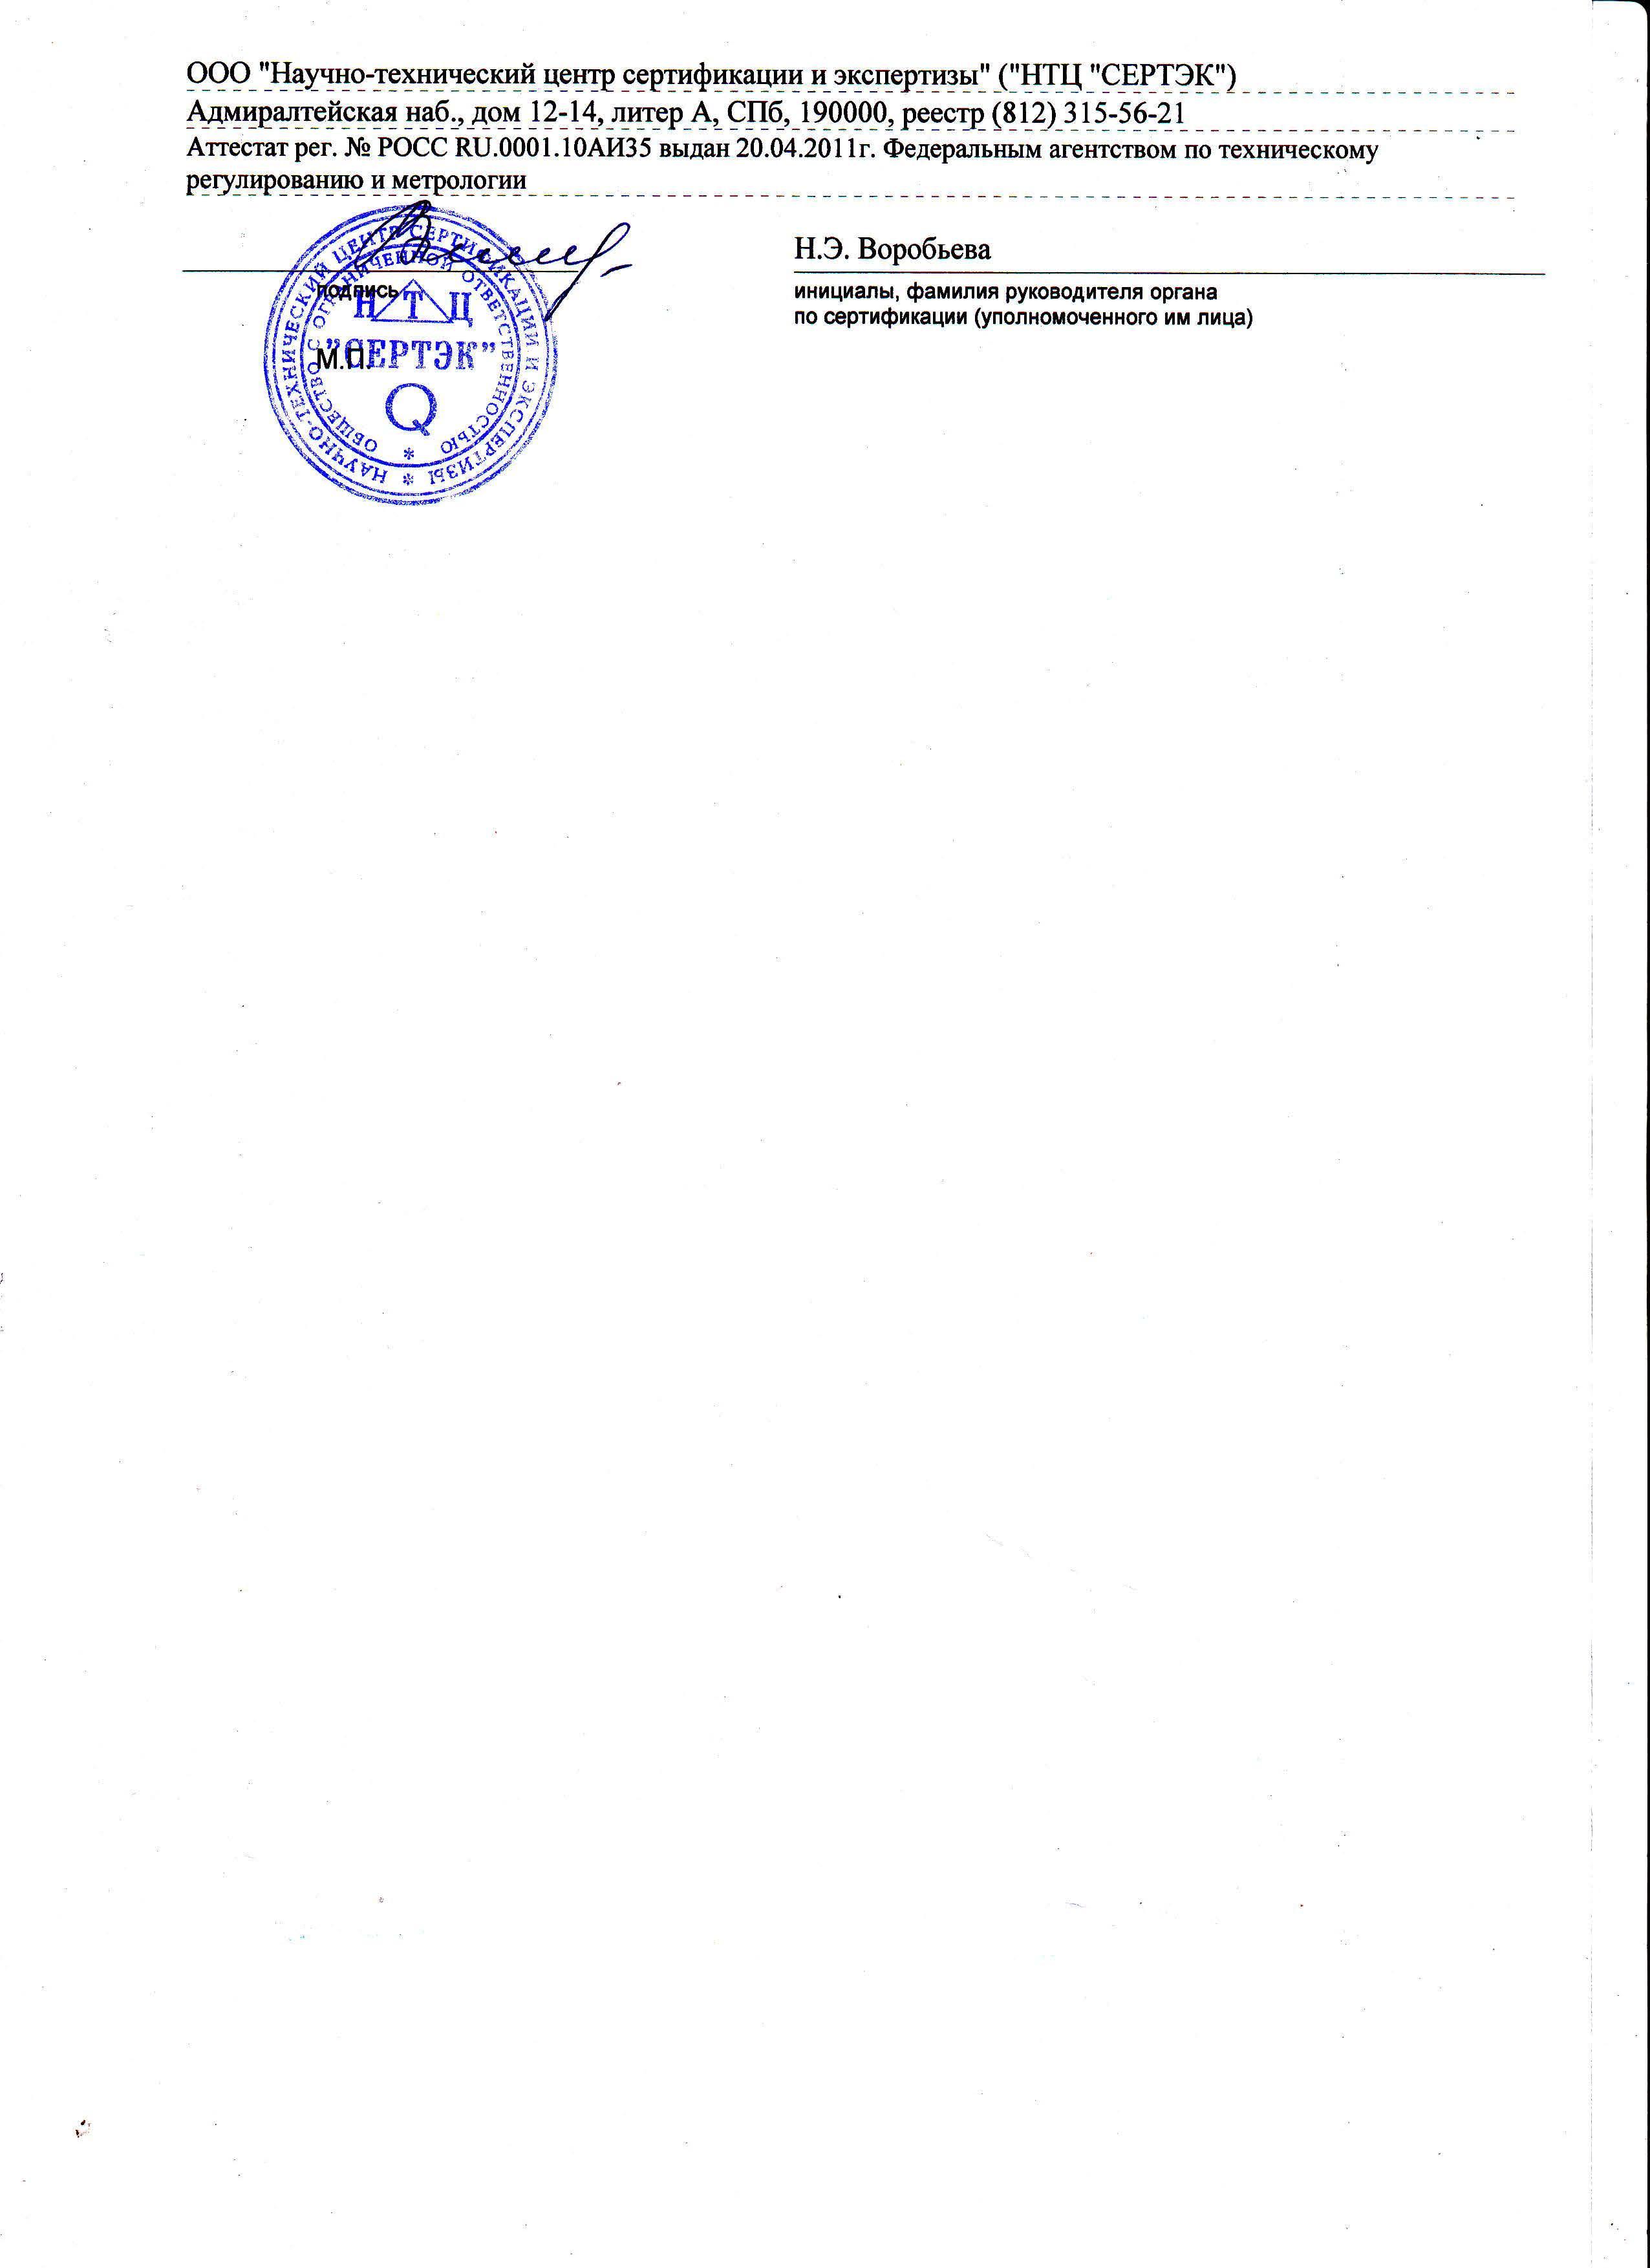 Декларация о соответствии ТС (1.2)